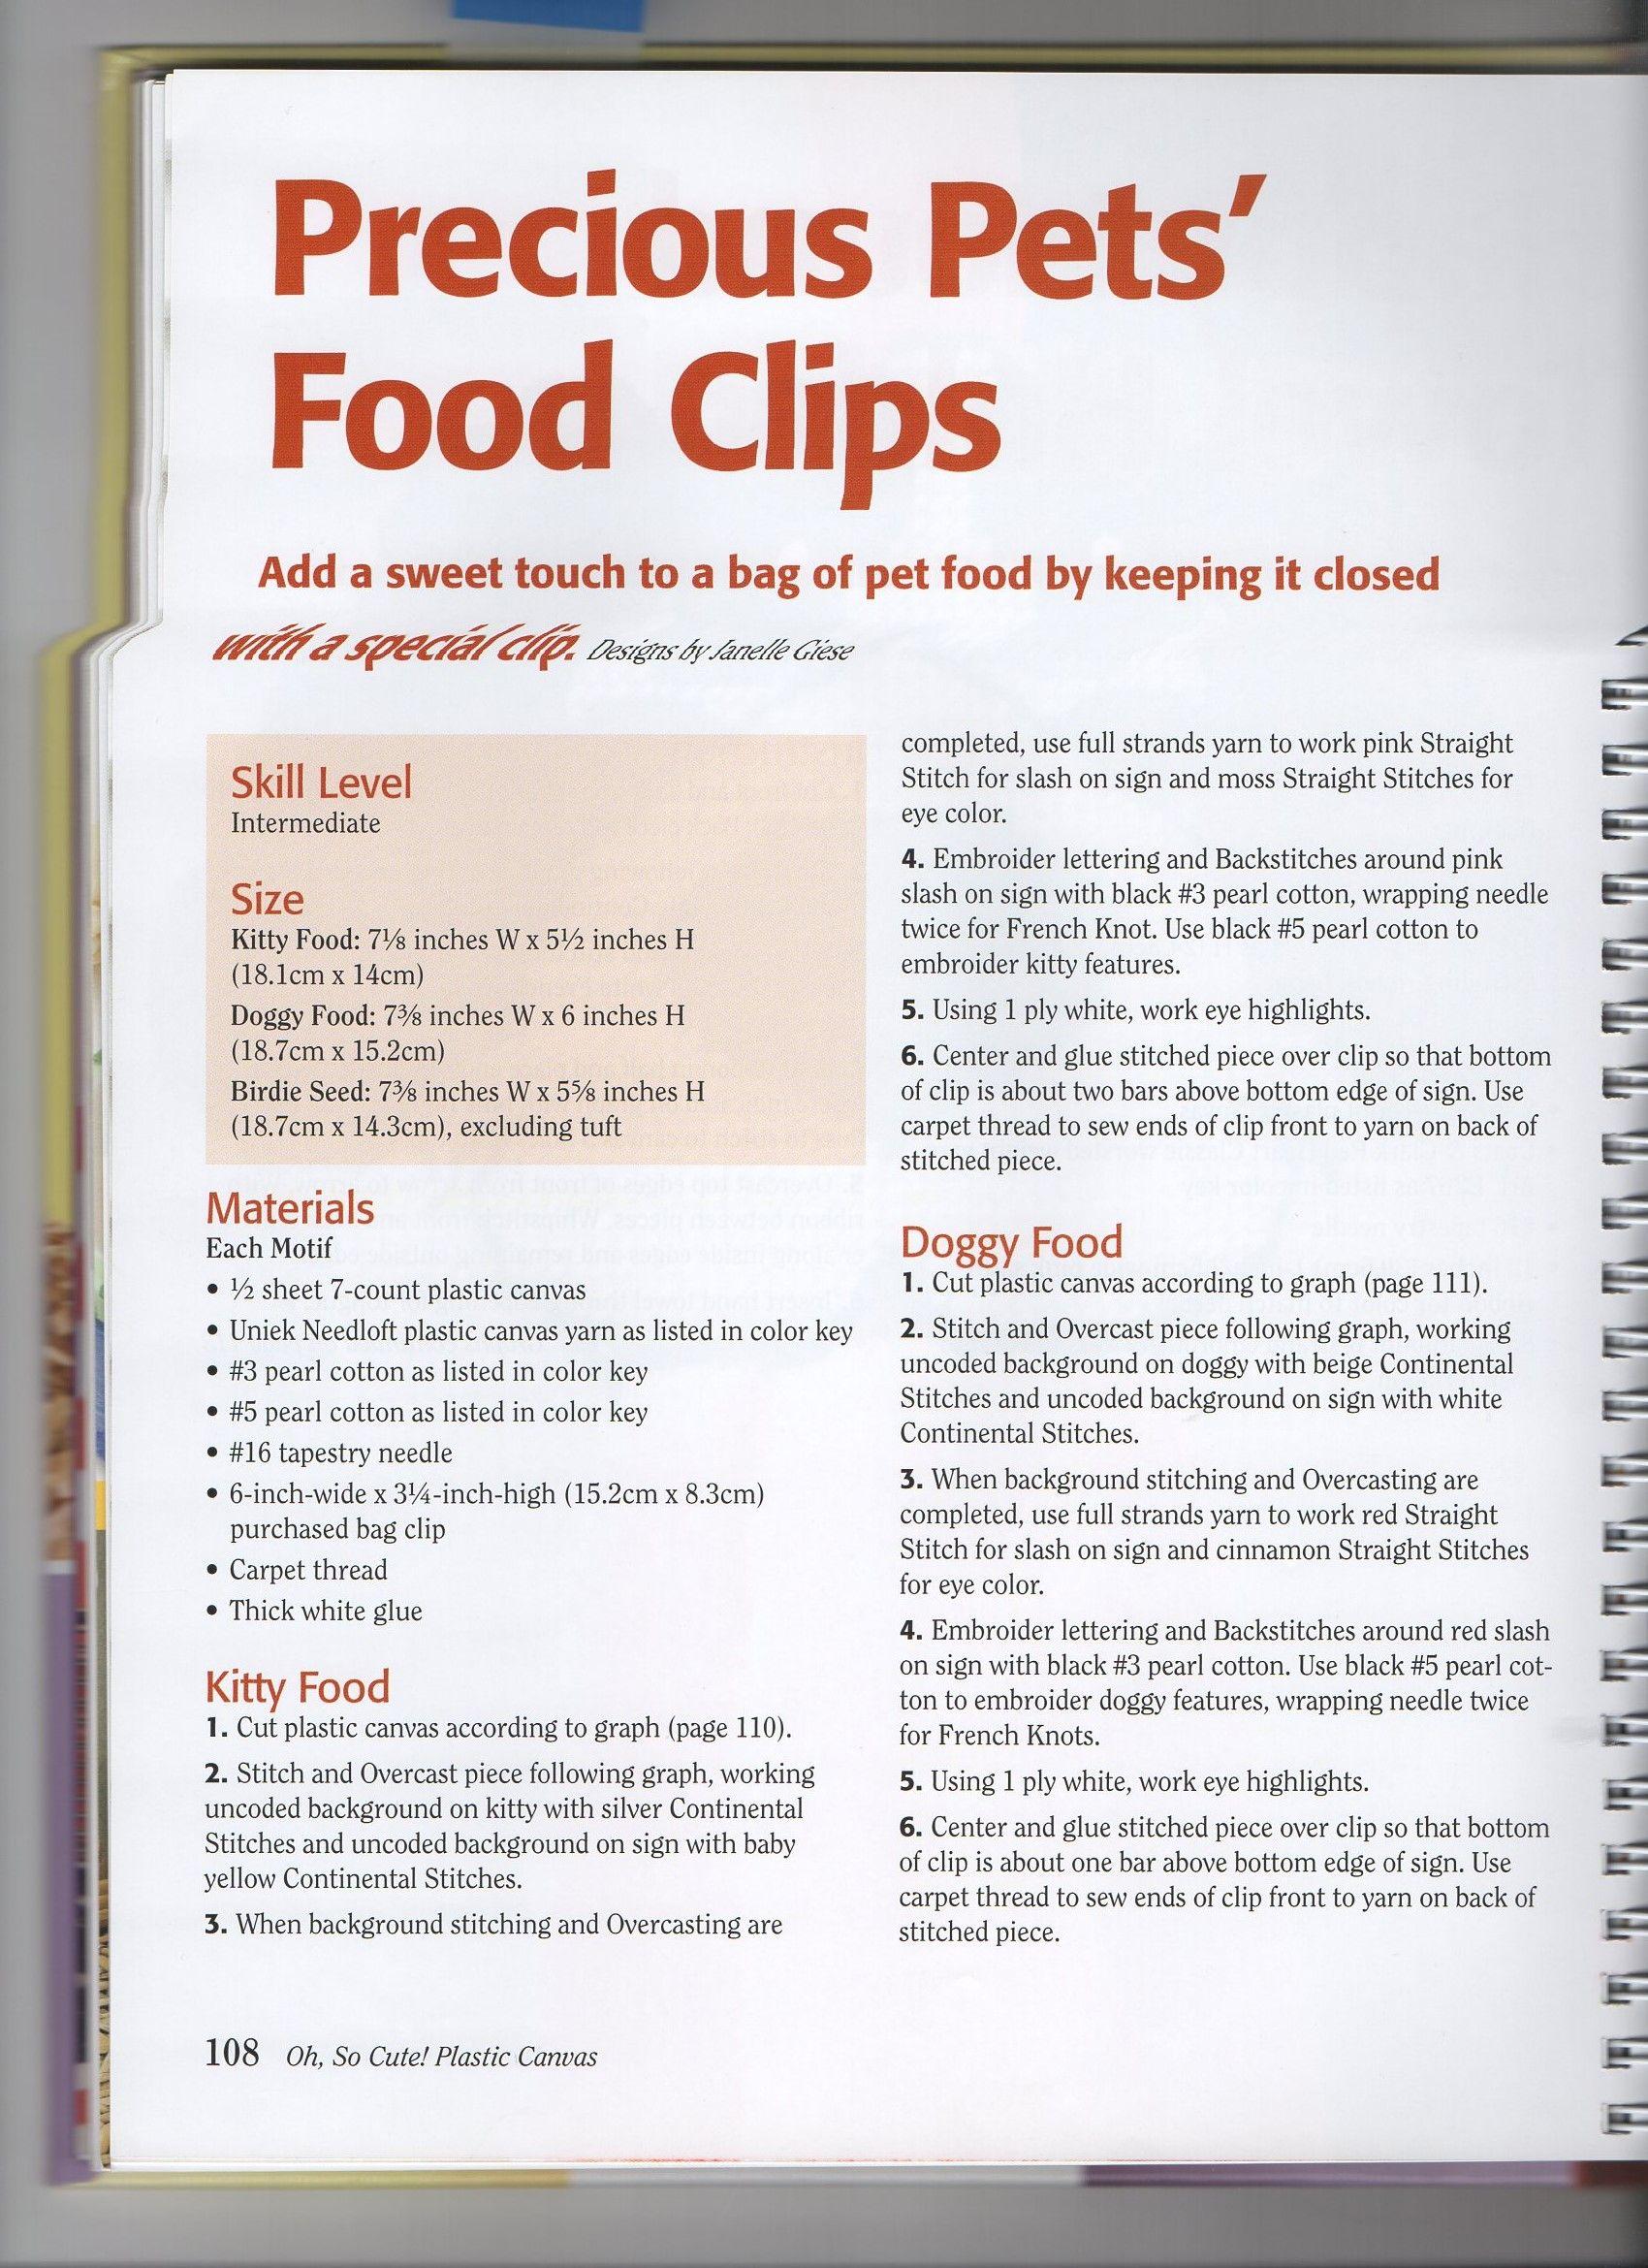 Precious Pets Food Clips 1 Plastic Canvas Crafts Food Clips Canvas Crafts